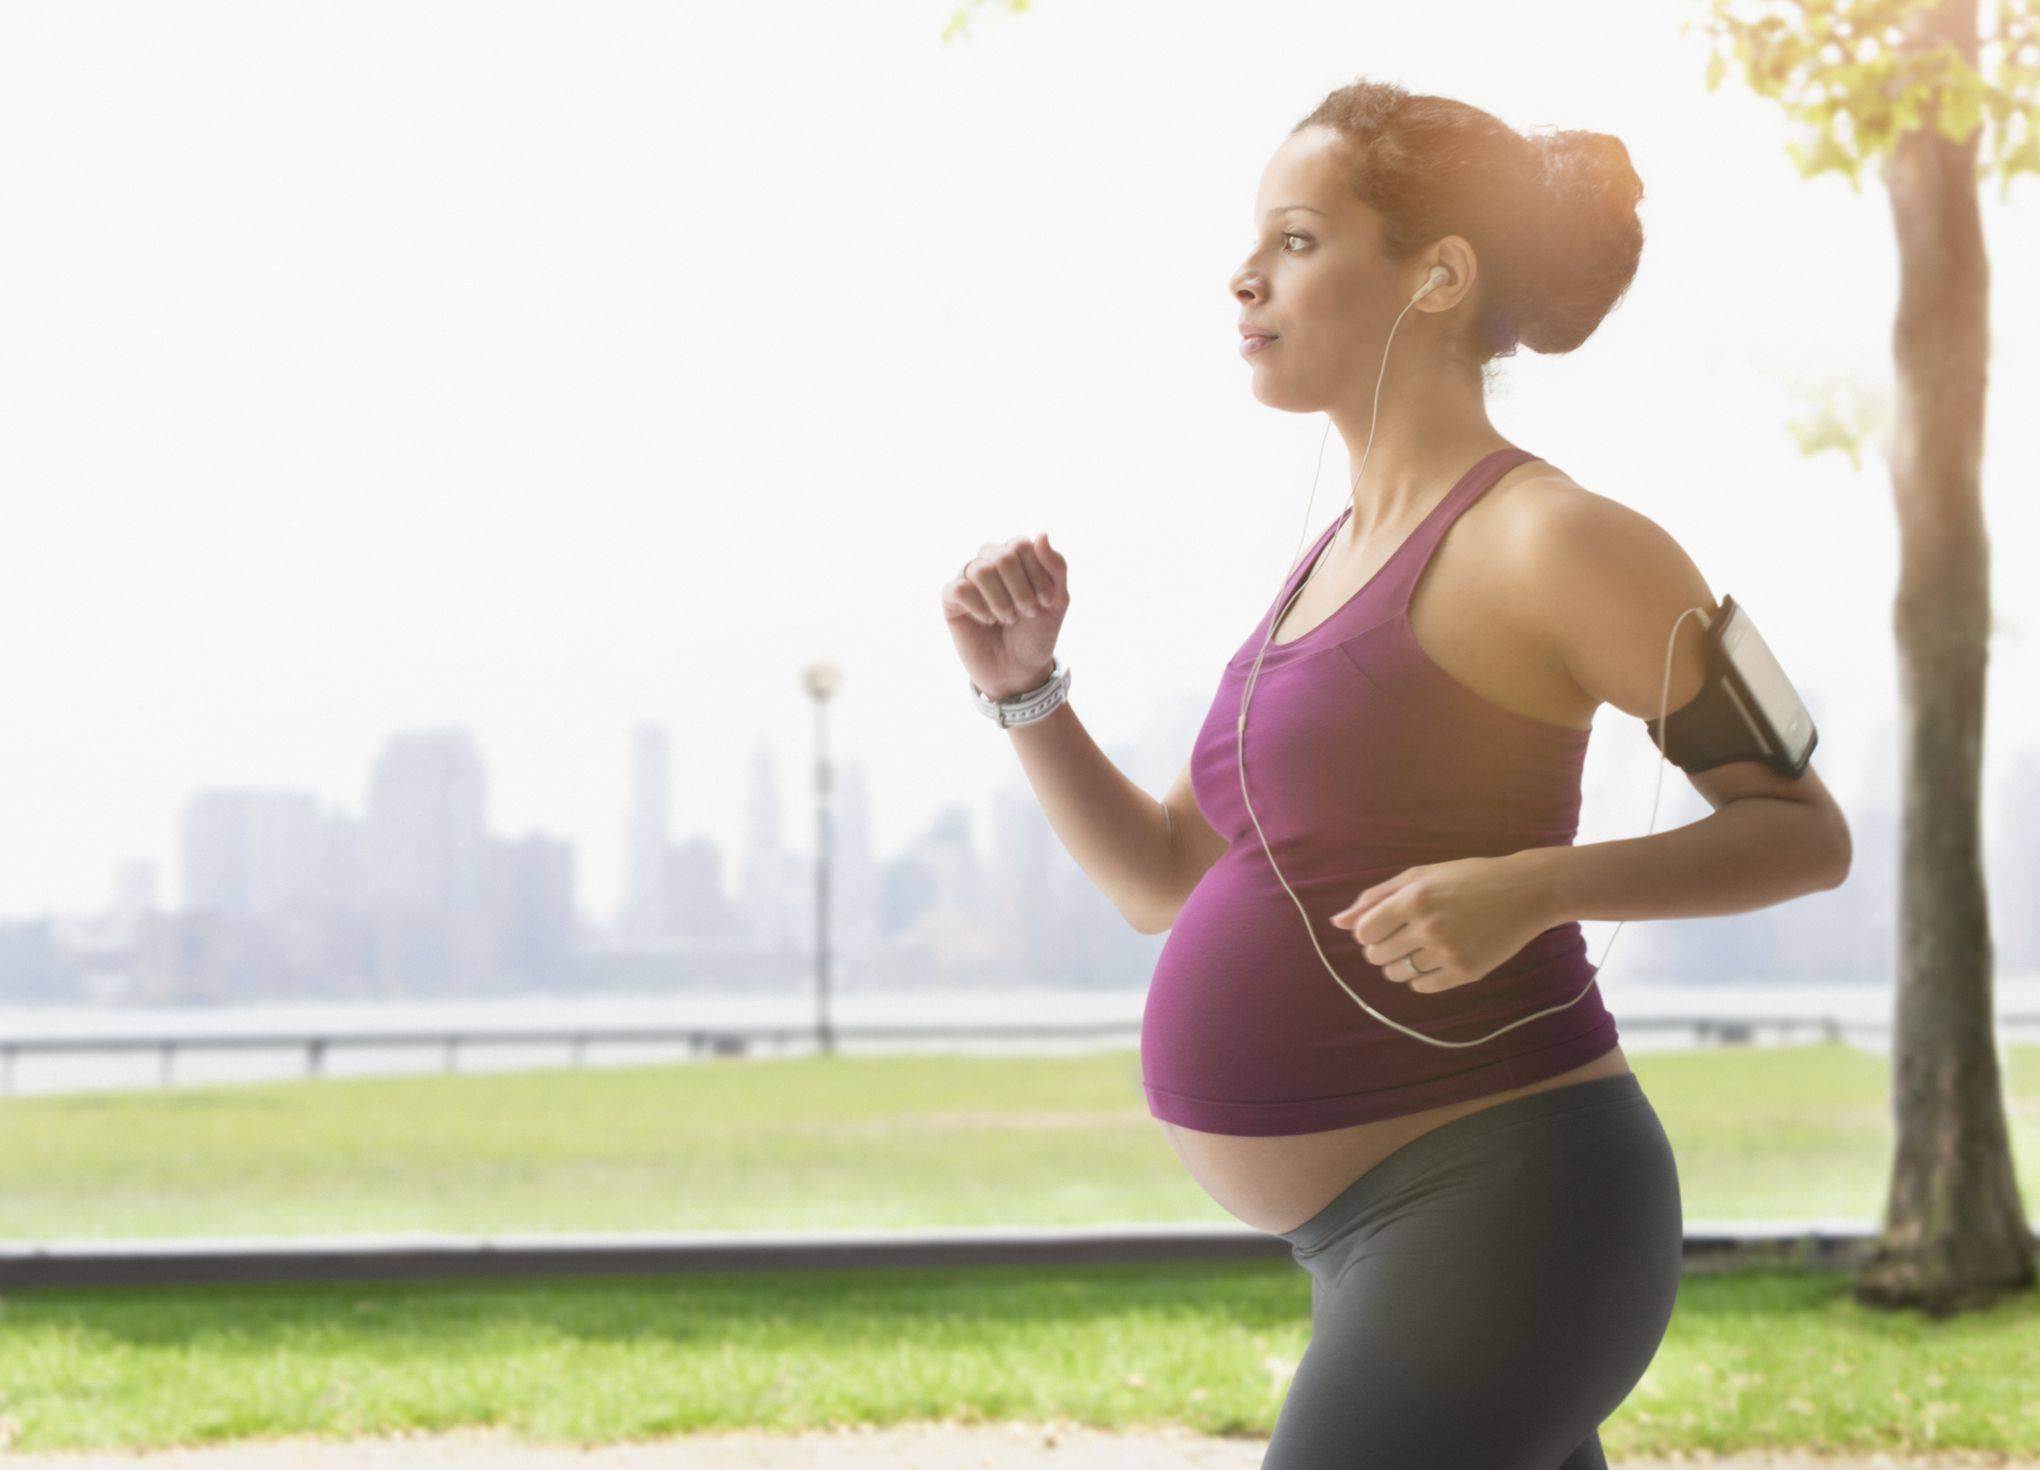 Стесняюсь спросить: я беременна и хочу немного выпить, можно? гинеколог о том, что на самом деле можно, а что нельзя - citydog.by   журнал о минске